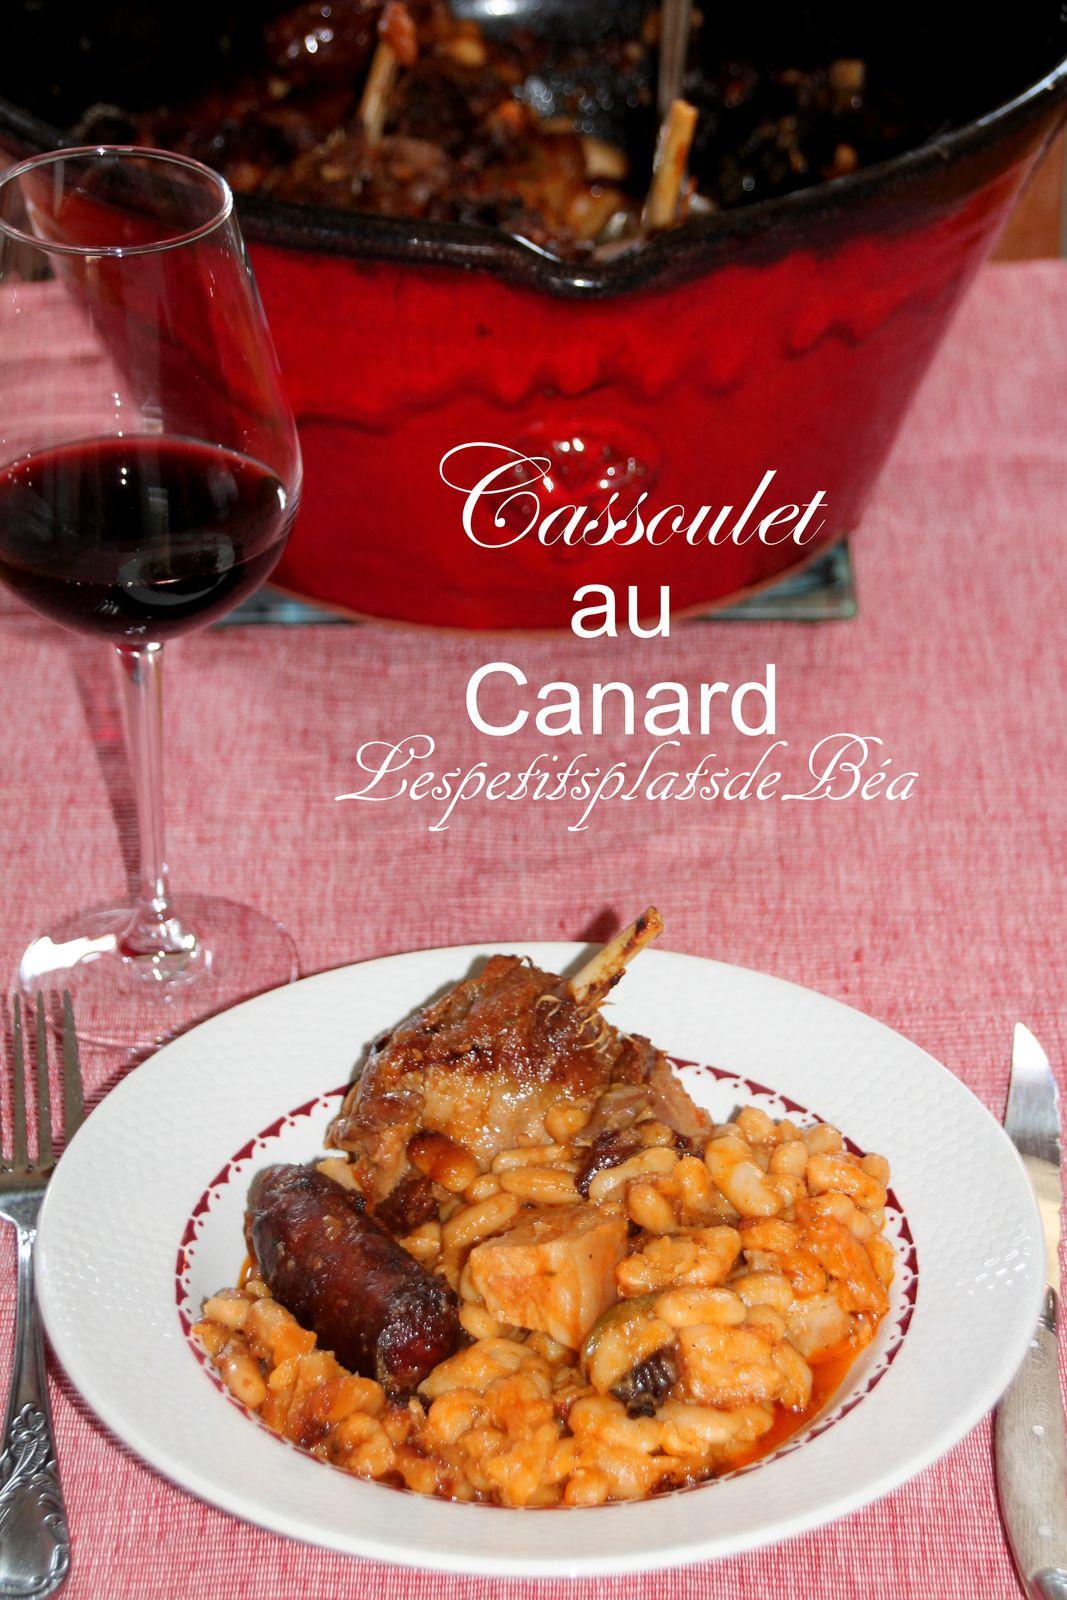 Cassoulet au canard - balade occitane